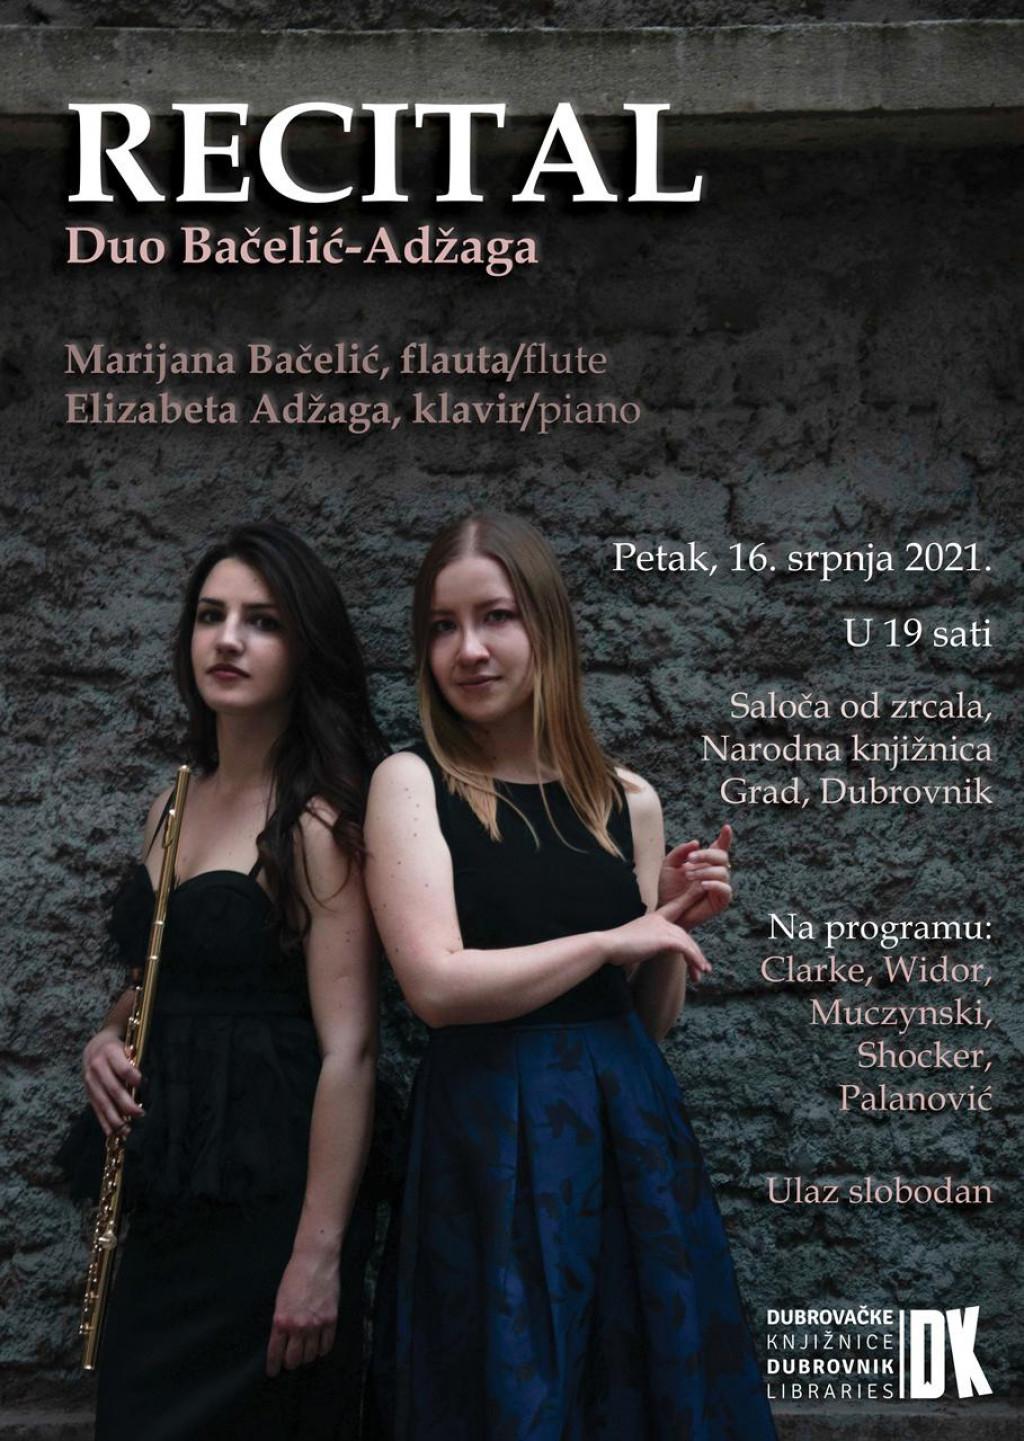 Flautistica Marijana Bačelić i pijanistica Elizabeta Adžaga